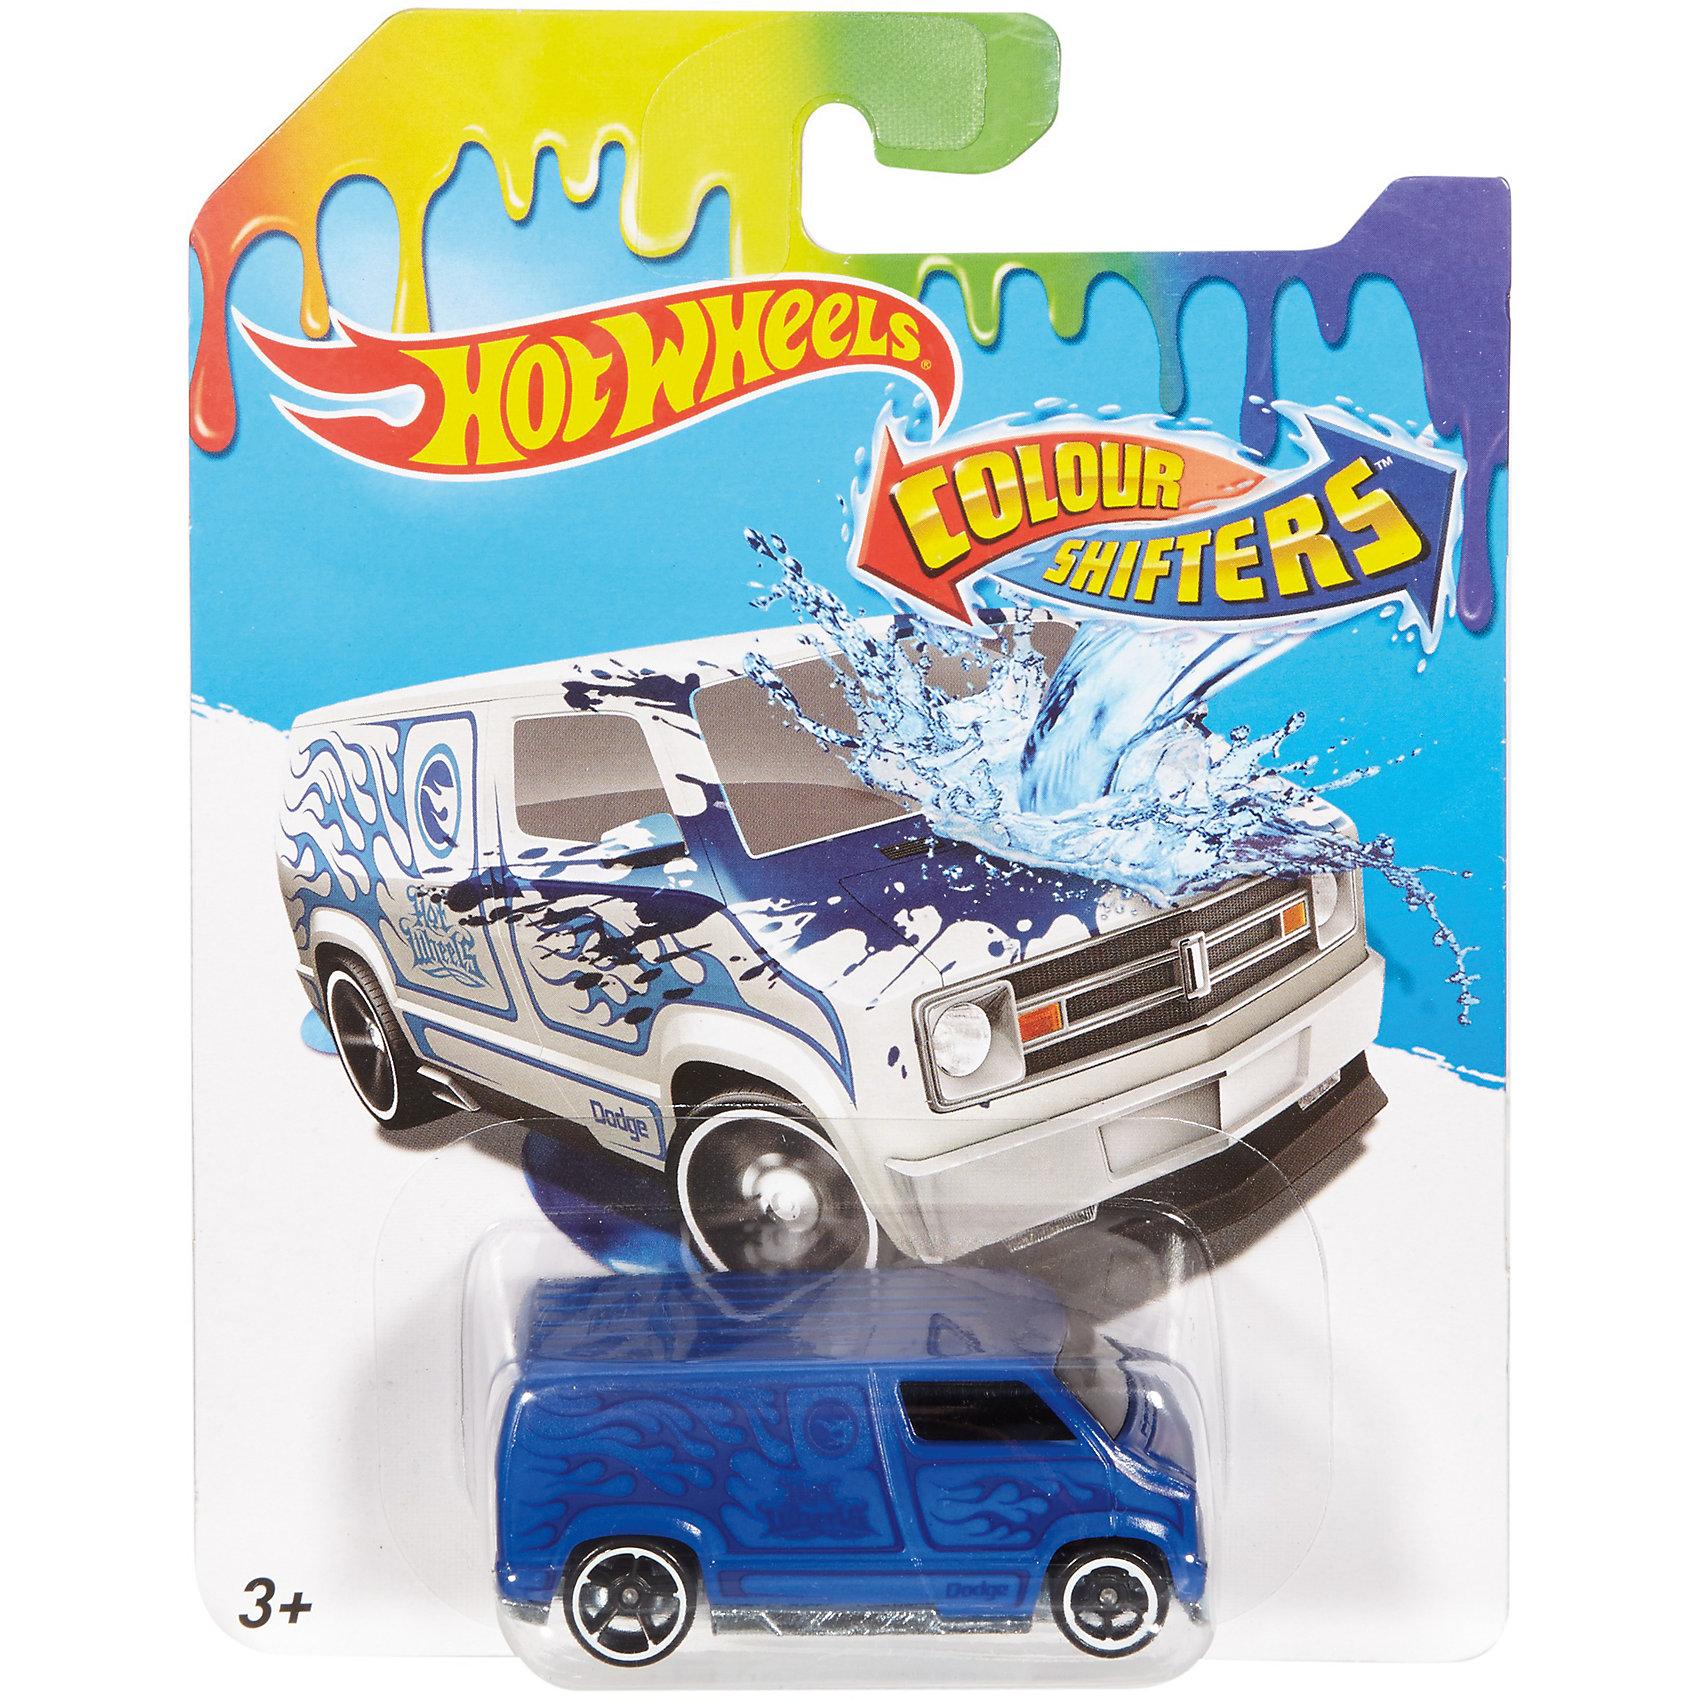 Меняющая цвет машинка COLOR SHIFTERS, Hot WheelsПопулярные игрушки<br><br><br>Ширина мм: 166<br>Глубина мм: 126<br>Высота мм: 32<br>Вес г: 47<br>Возраст от месяцев: 36<br>Возраст до месяцев: 84<br>Пол: Мужской<br>Возраст: Детский<br>SKU: 6996456